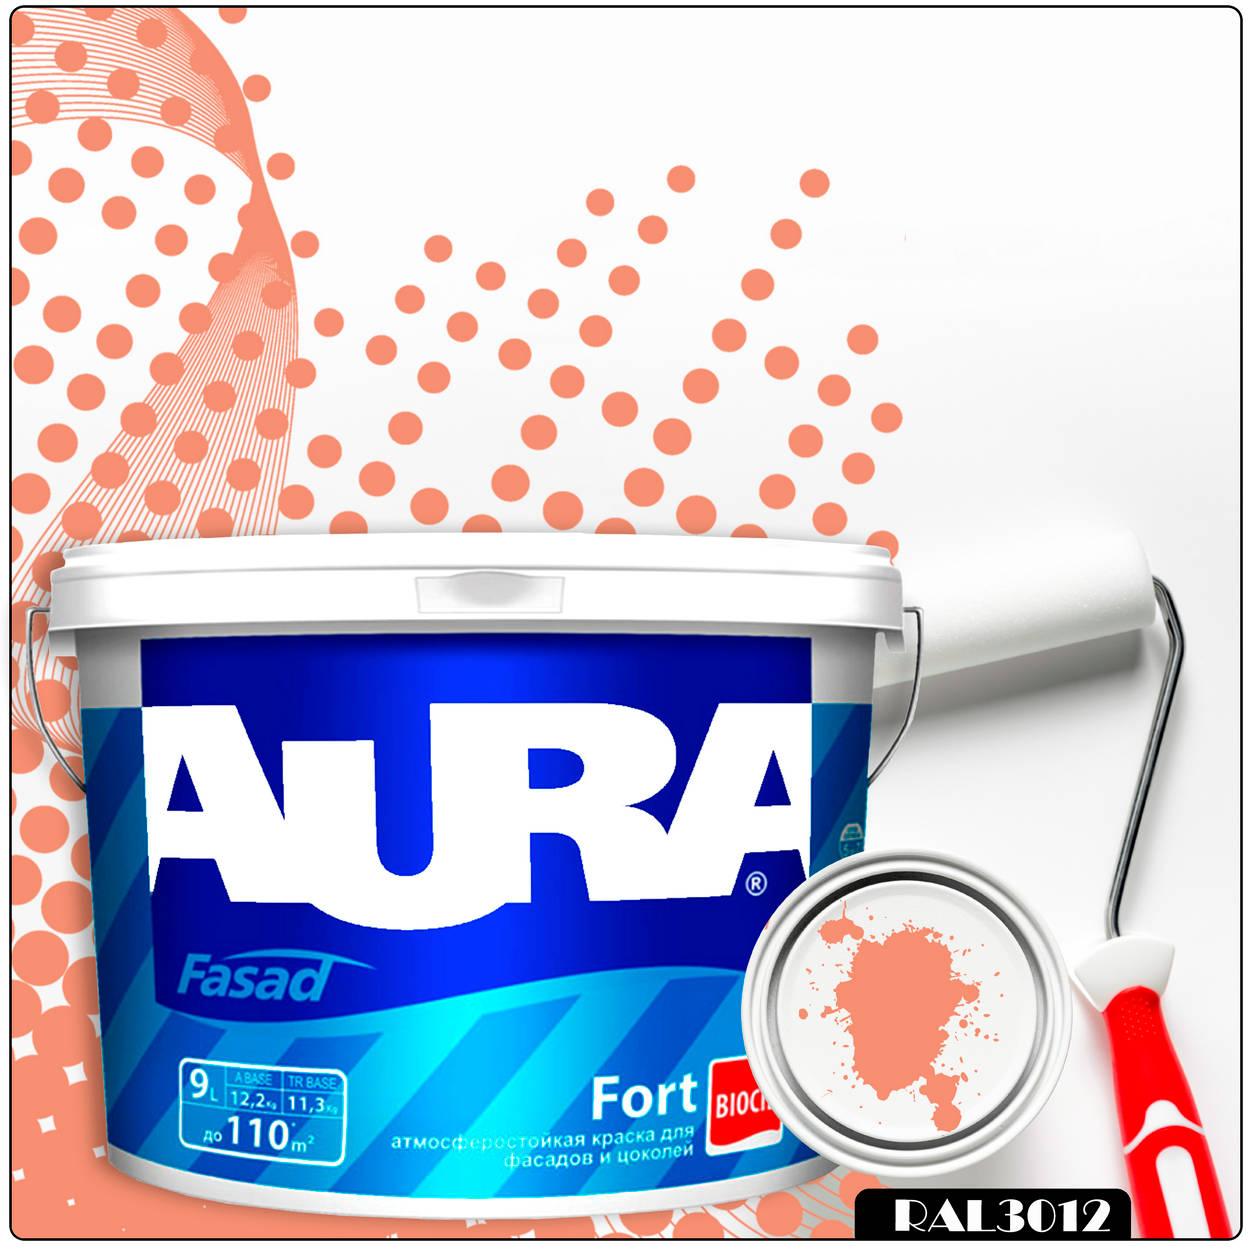 Фото 10 - Краска Aura Fasad Fort, RAL 3012 Бежево-красный, латексная, матовая, для фасада и цоколей, 9л, Аура.